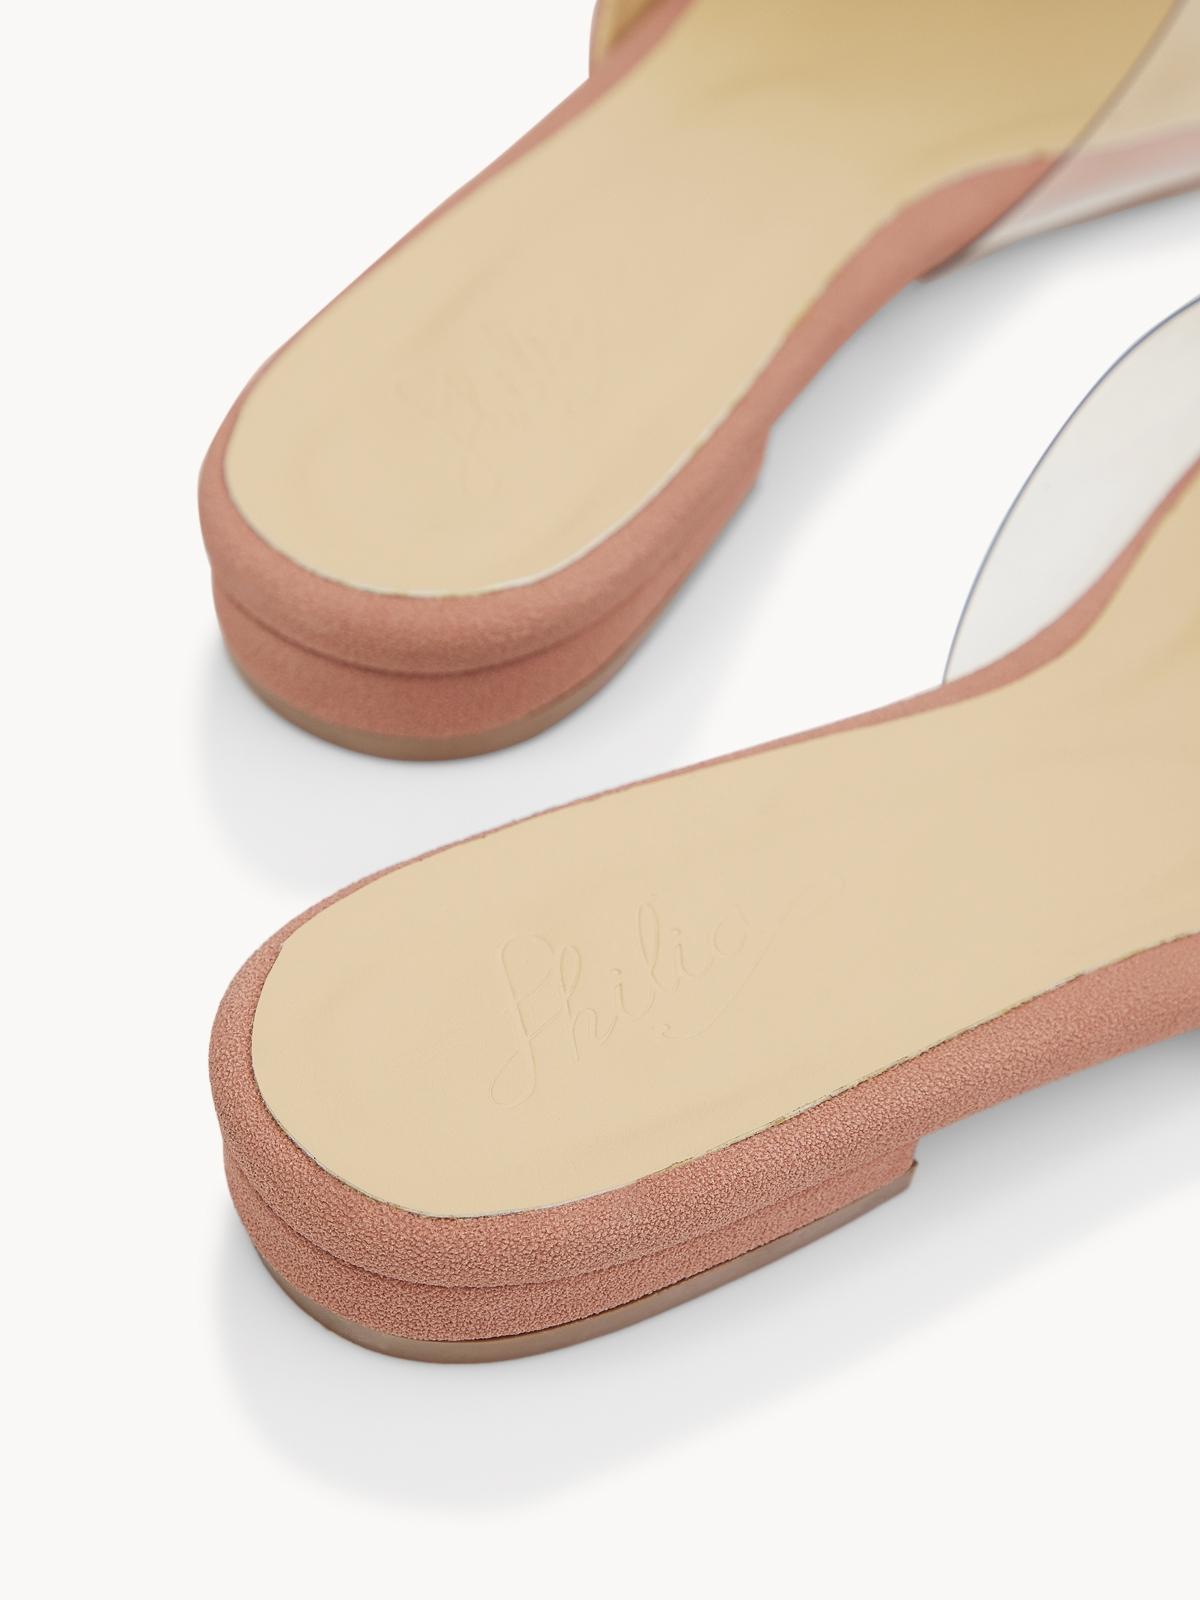 Peach Punch Sandals